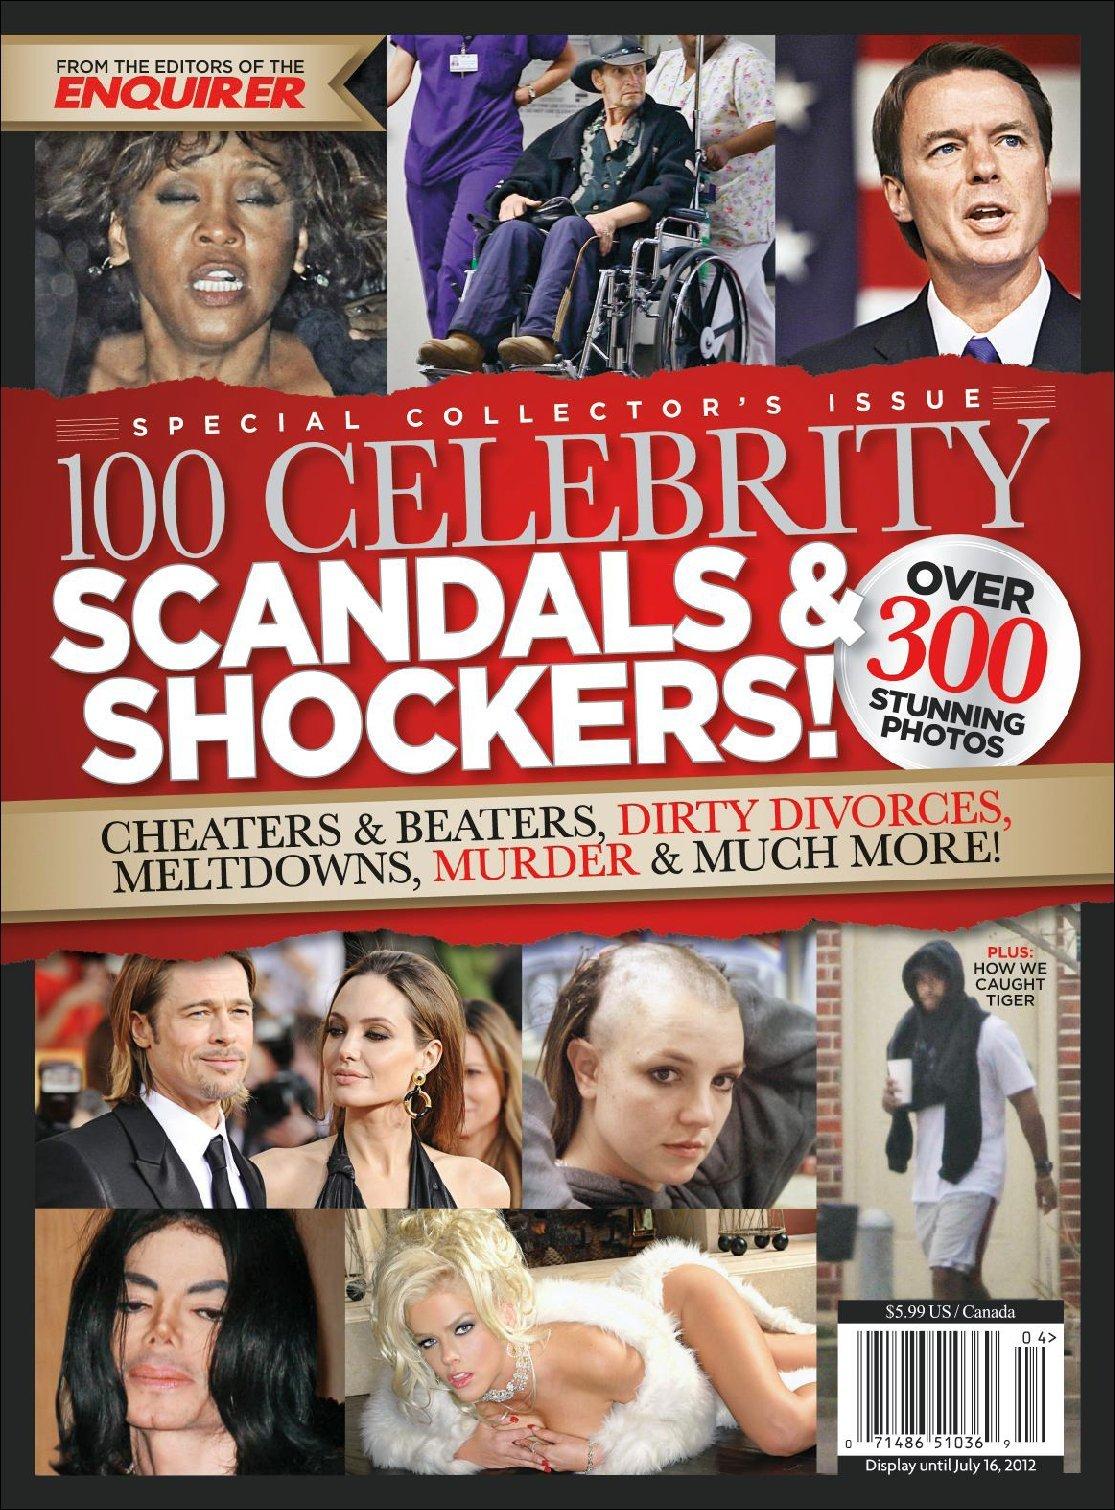 100 Celebrity Scandals Shockers Digital